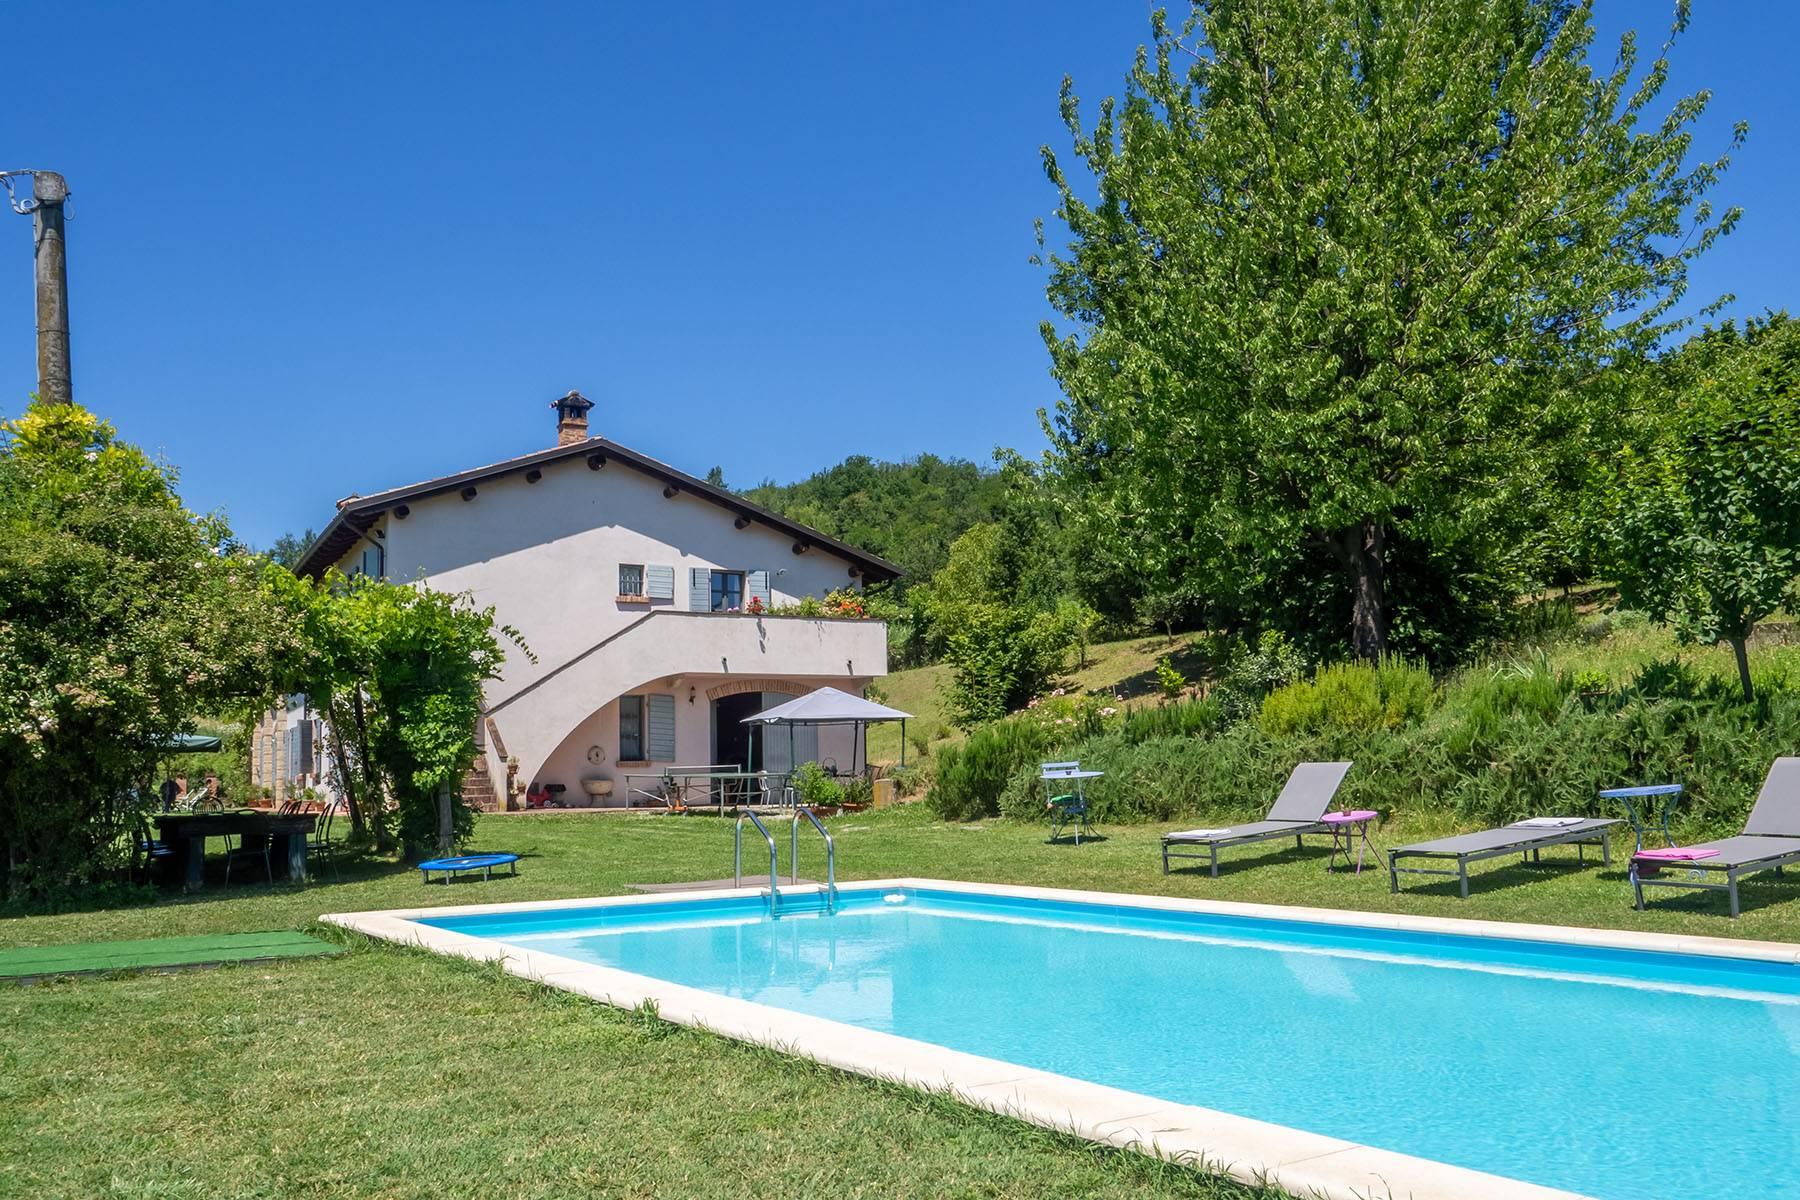 Rustico in Vendita a Ponzano Monferrato: 5 locali, 560 mq - Foto 13